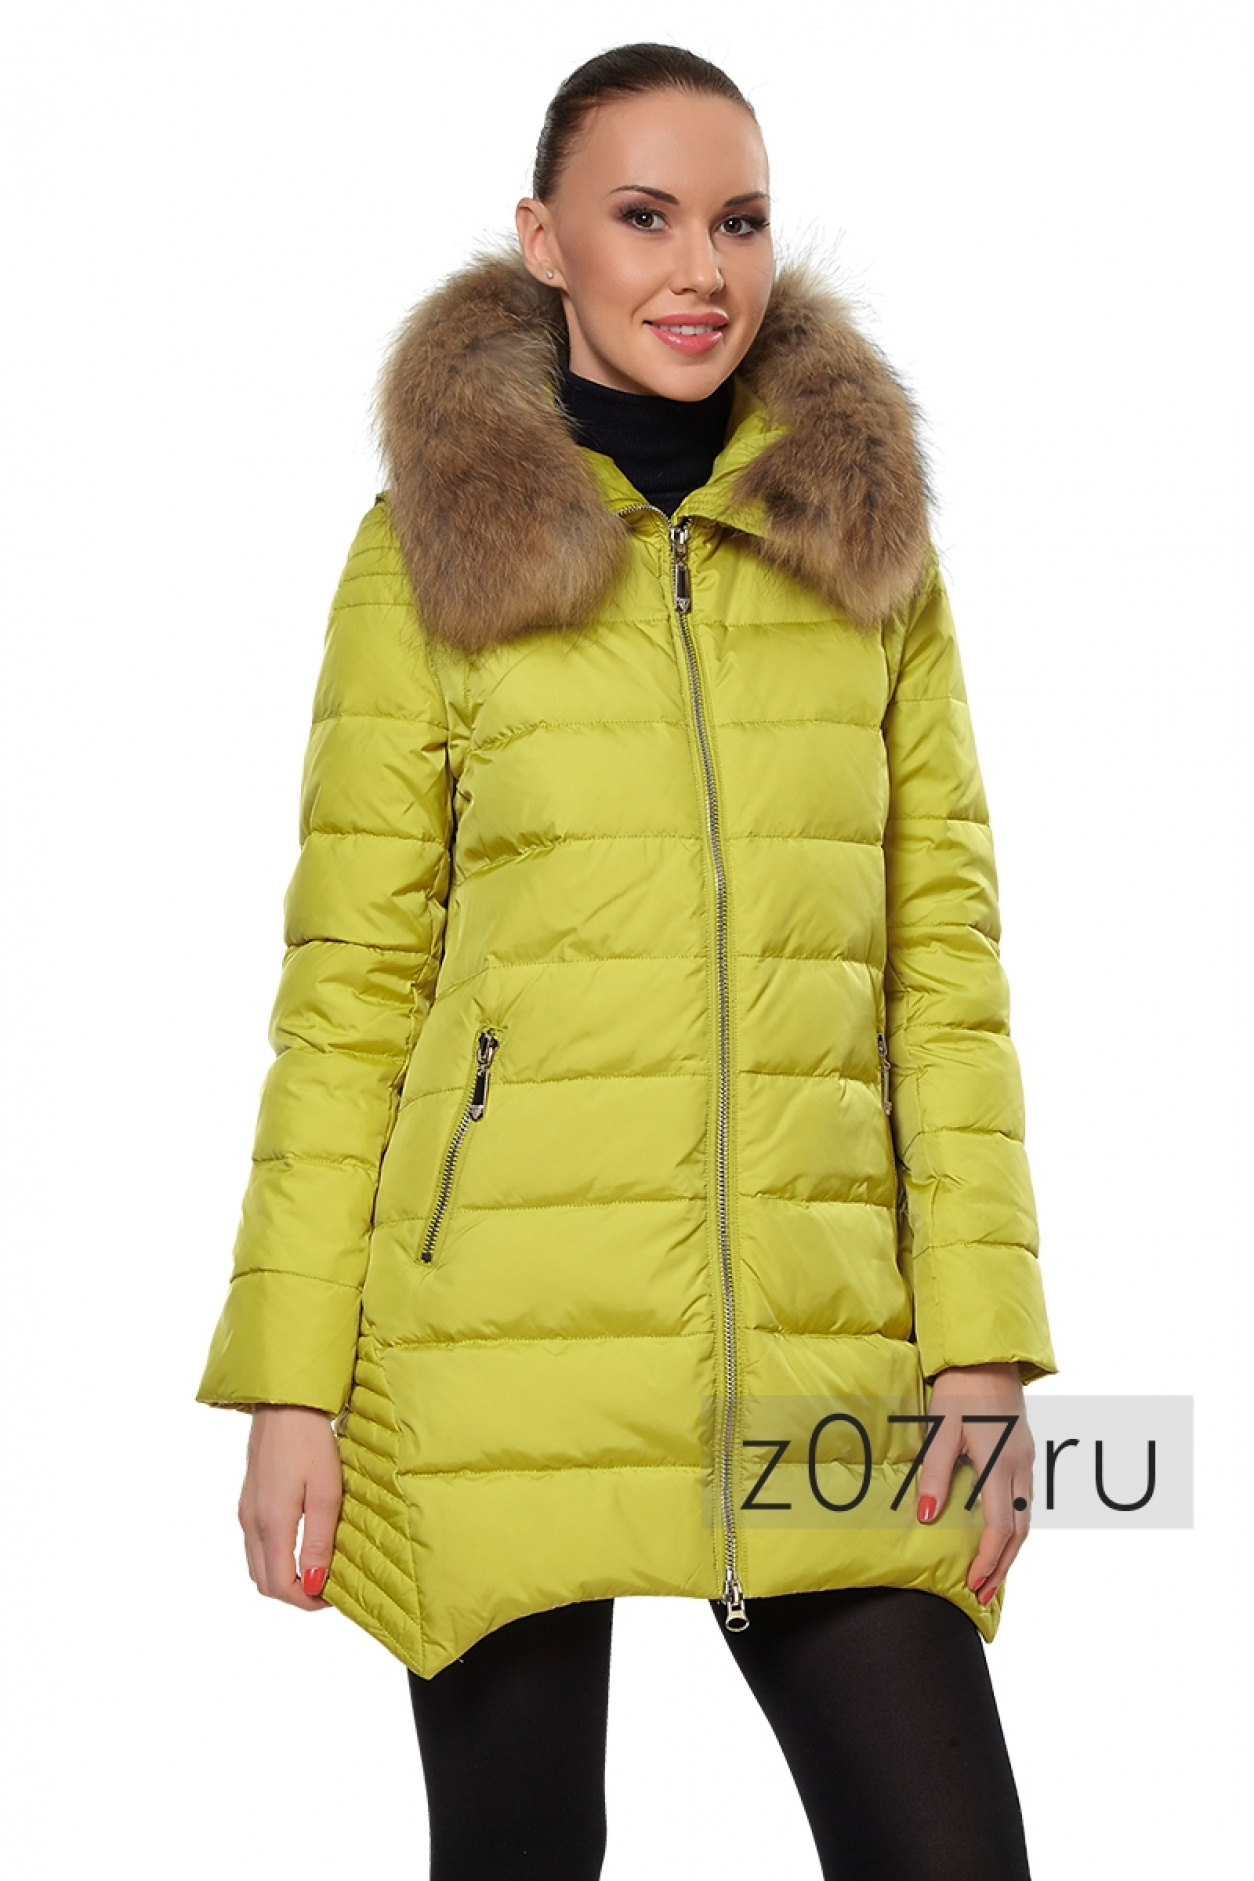 Купить Куртки Женские Осень Зима 2015 2016 Купить